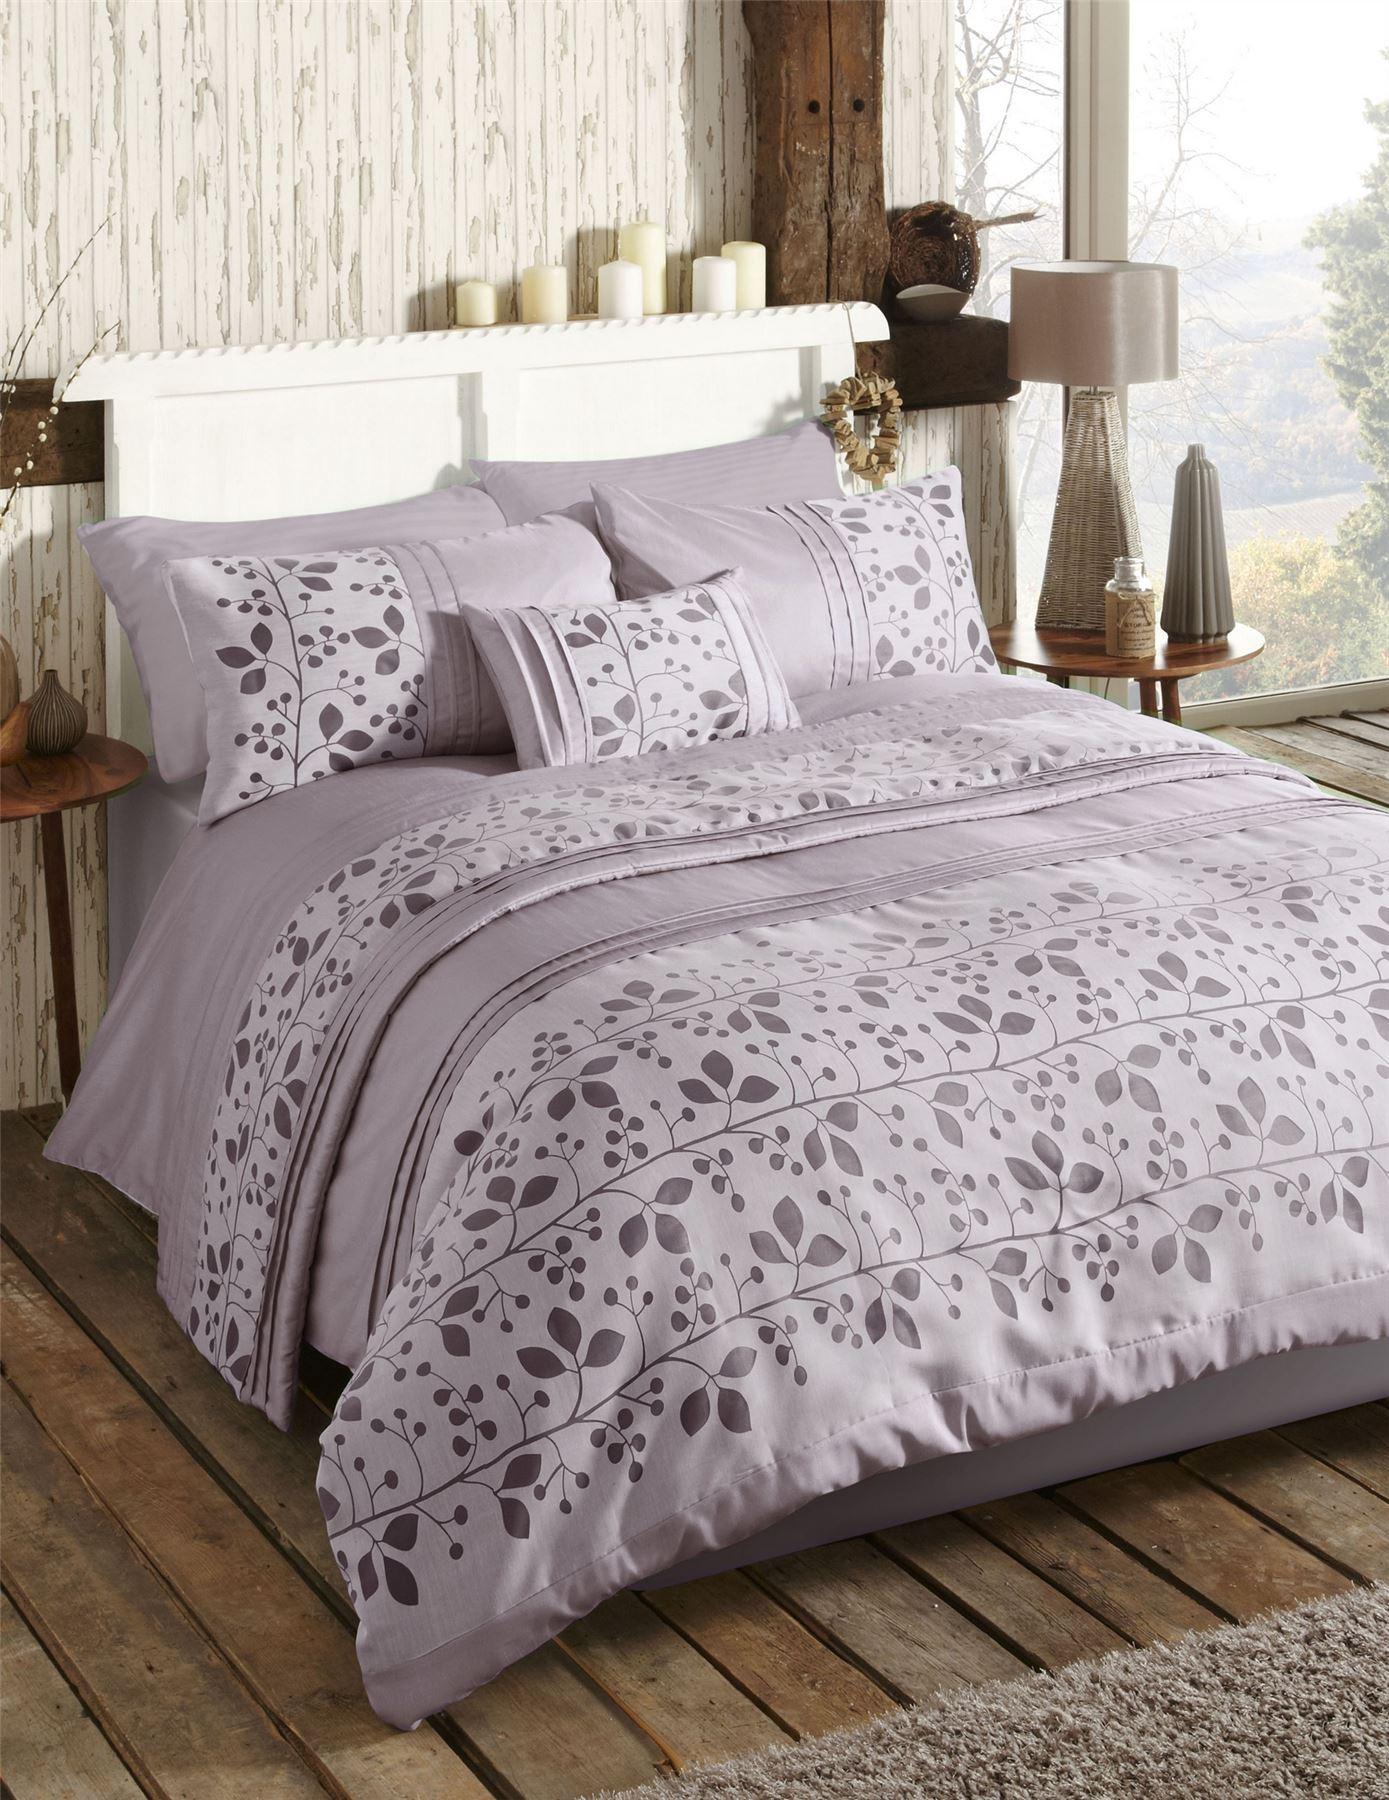 modern leaf nature themed quilt duvet cover bed sets